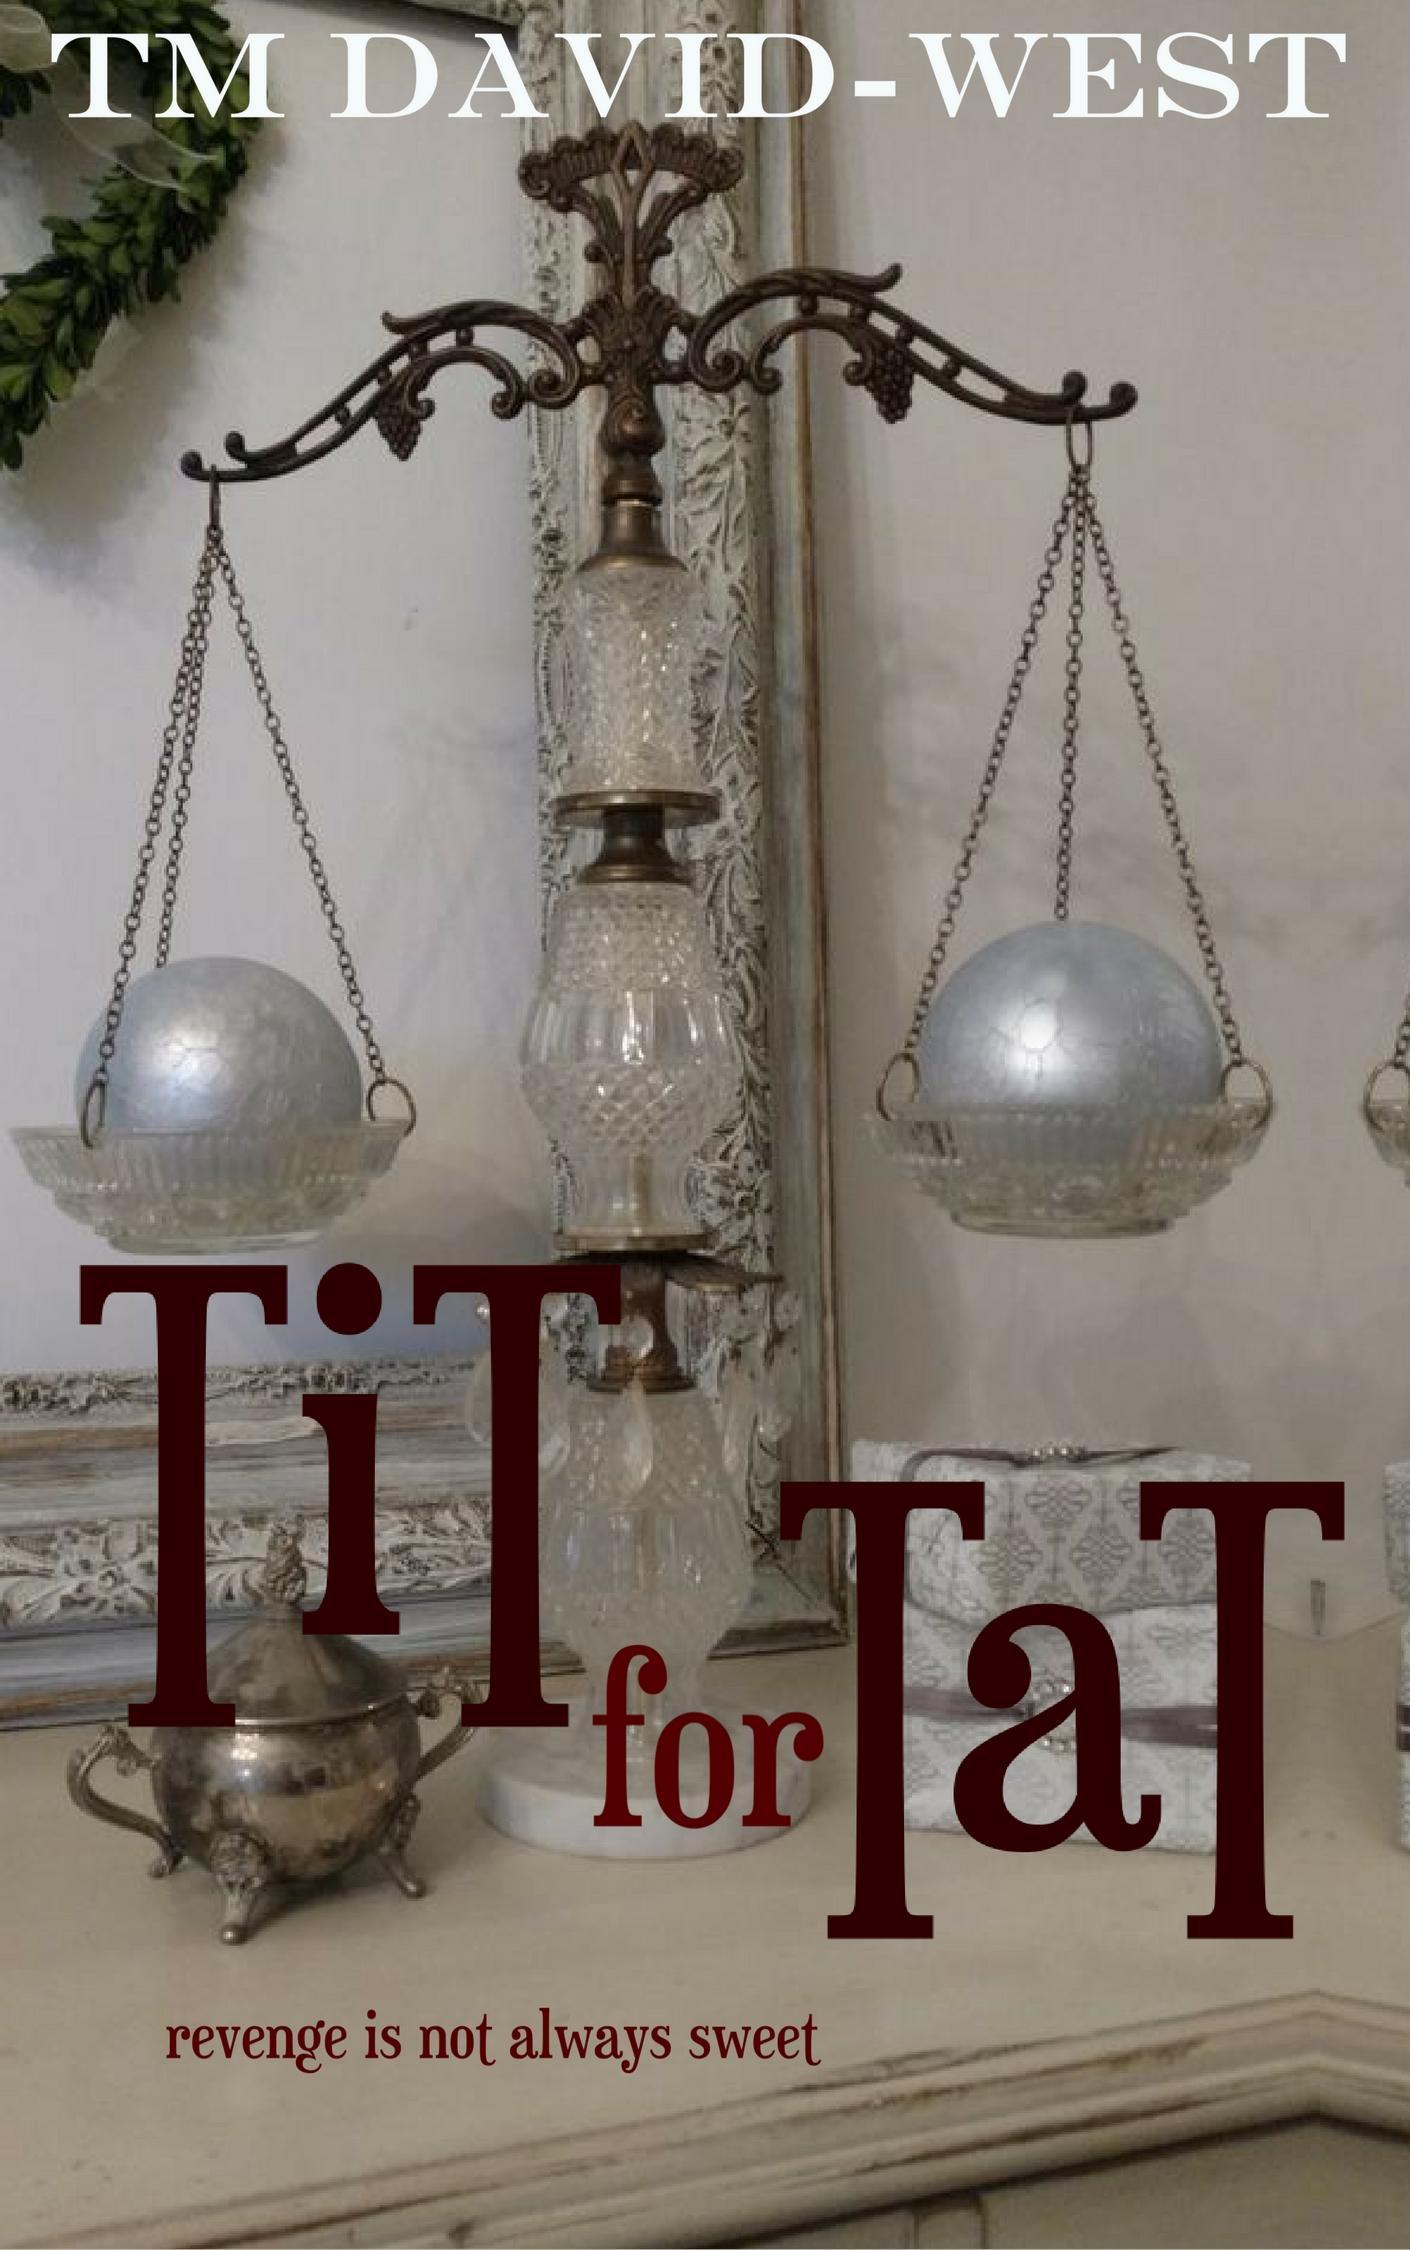 TIT FOR TAT – 3